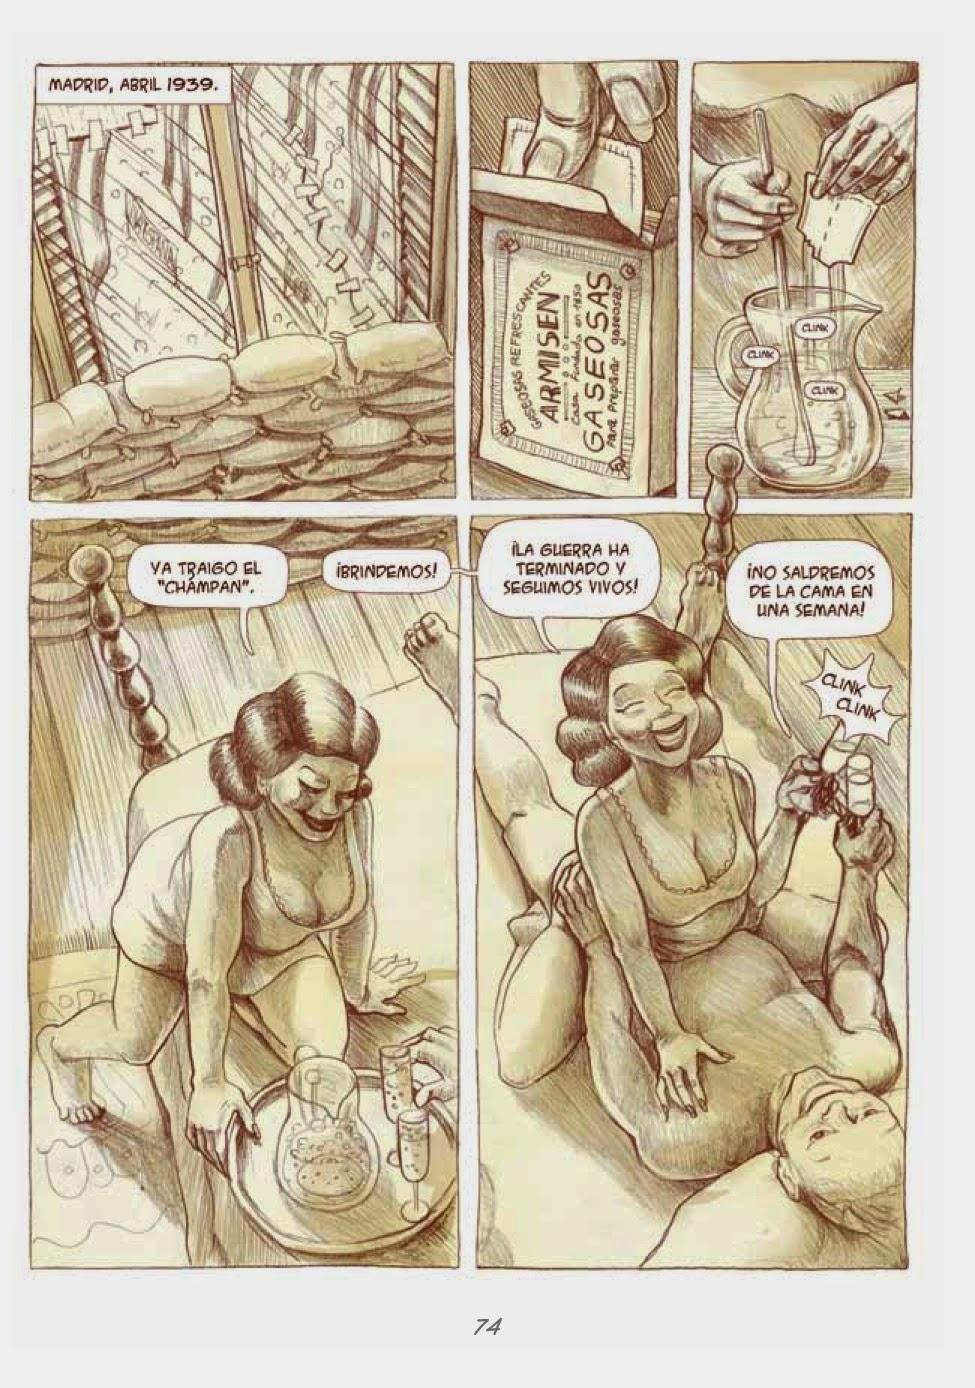 Recuerdos de Perrito de Mierda # 74 by Marta Alonso Berna, Dibbuks, March, 2014